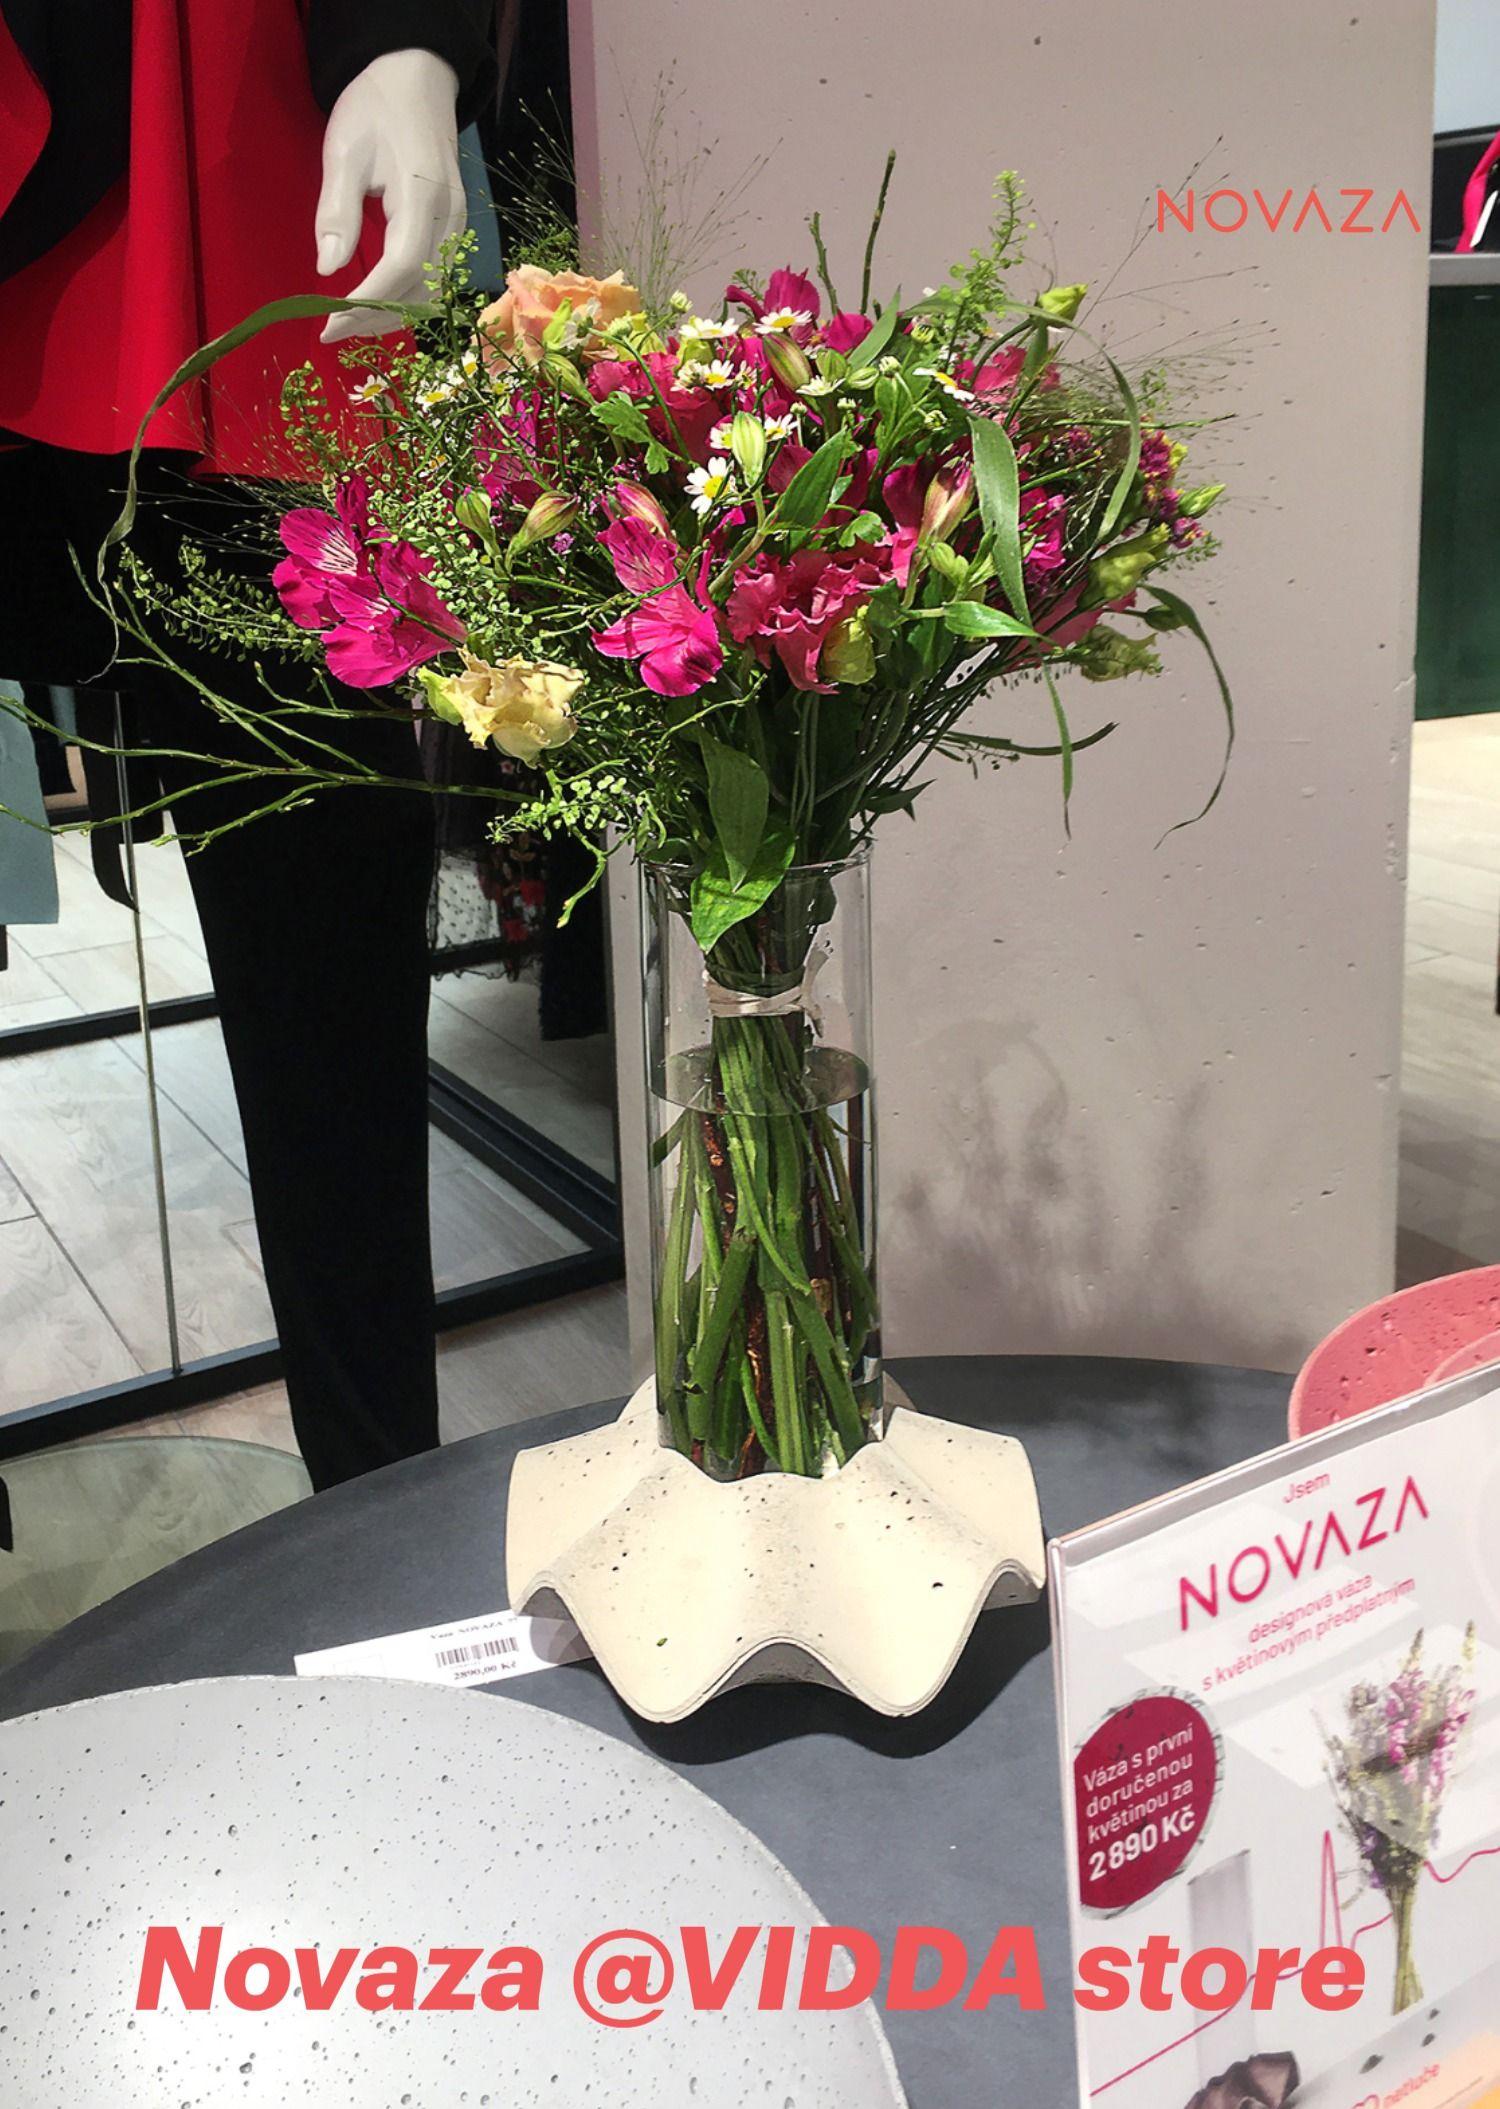 Inspirujte se květinou🌹 od Papavera - květinářství Vázu Novaza ve své plné kráse najdete na pražském Chodově ve VIDDA fashion & living concept store. Poslání vázy Novaza🏺 naplníte, když v ní probudíte život🌞. #novaza #home_accessories #home_accents #room_decor #home_floral_arrangements #gift_for_women #best_birthday_present #vase_with_flower_subscription #flower_delivery_as_gift #bezkvetinjisrdcenetluce #kvetinovepredplatne #vaza #homedecor #kvetiny #darekprozenu #tipnadarek #ceskydesign